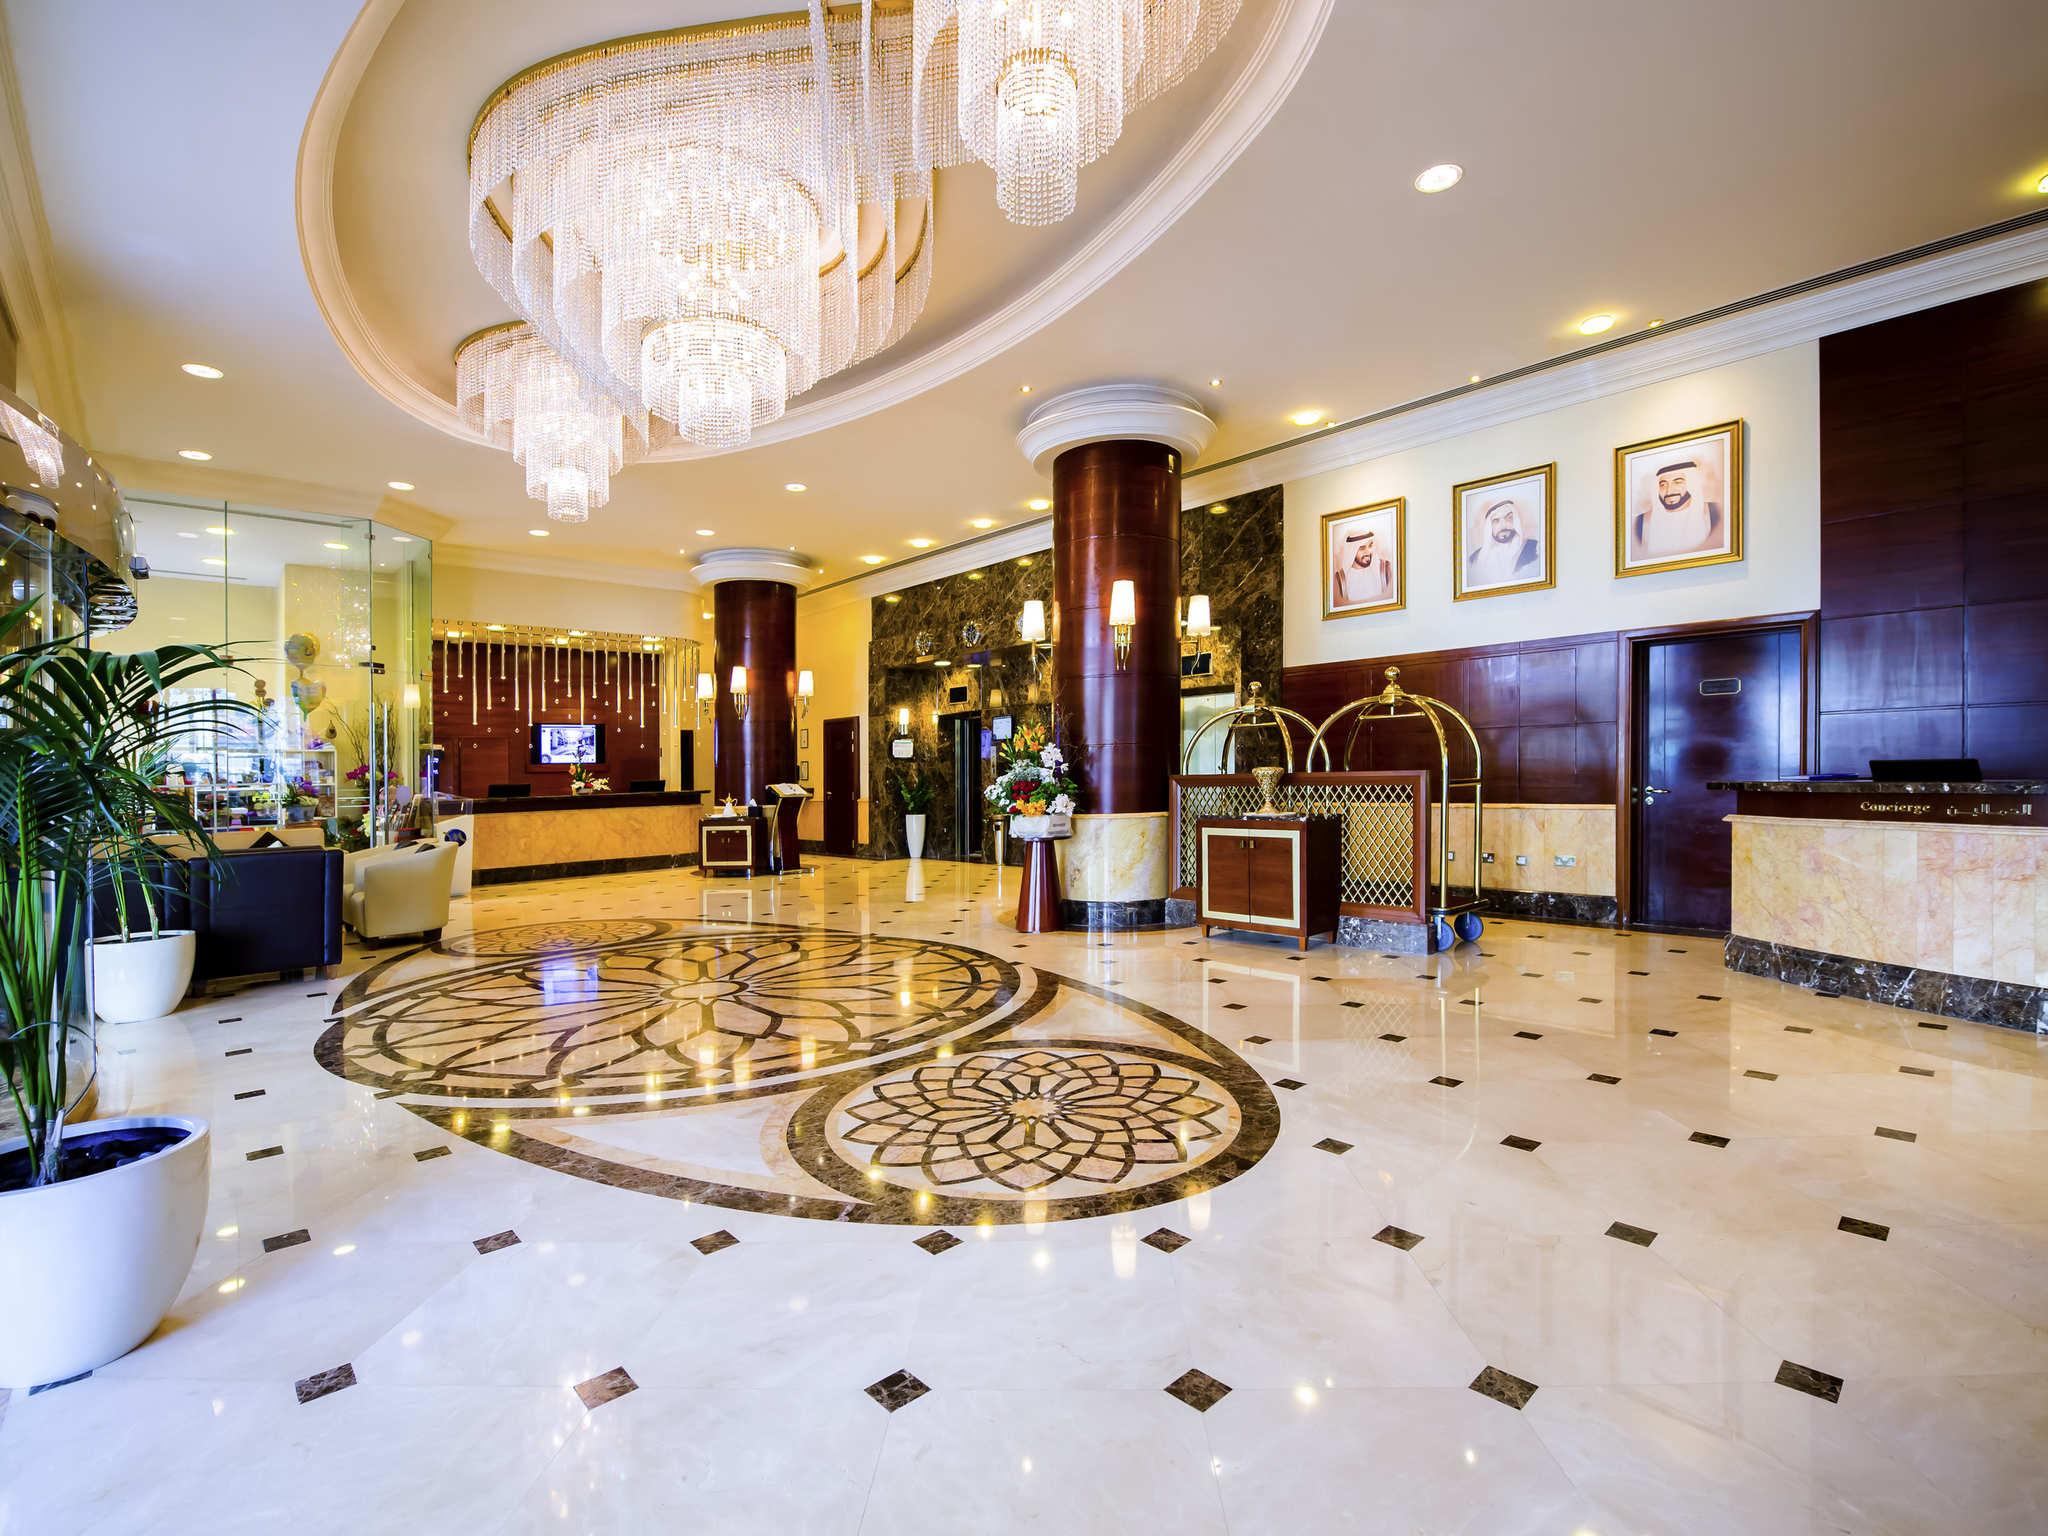 酒店 – 阿布扎比马吉利斯雅高美爵居所酒店